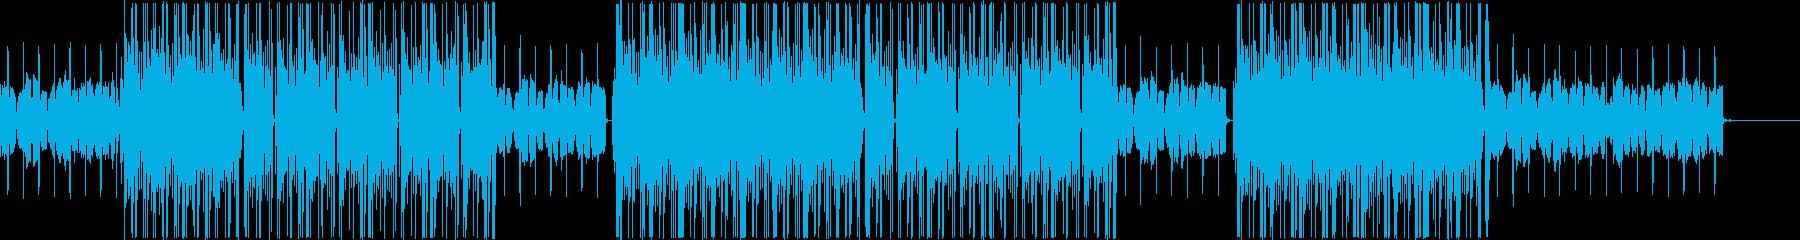 ローファイ、トラップ、R&Bチルアウト♪の再生済みの波形